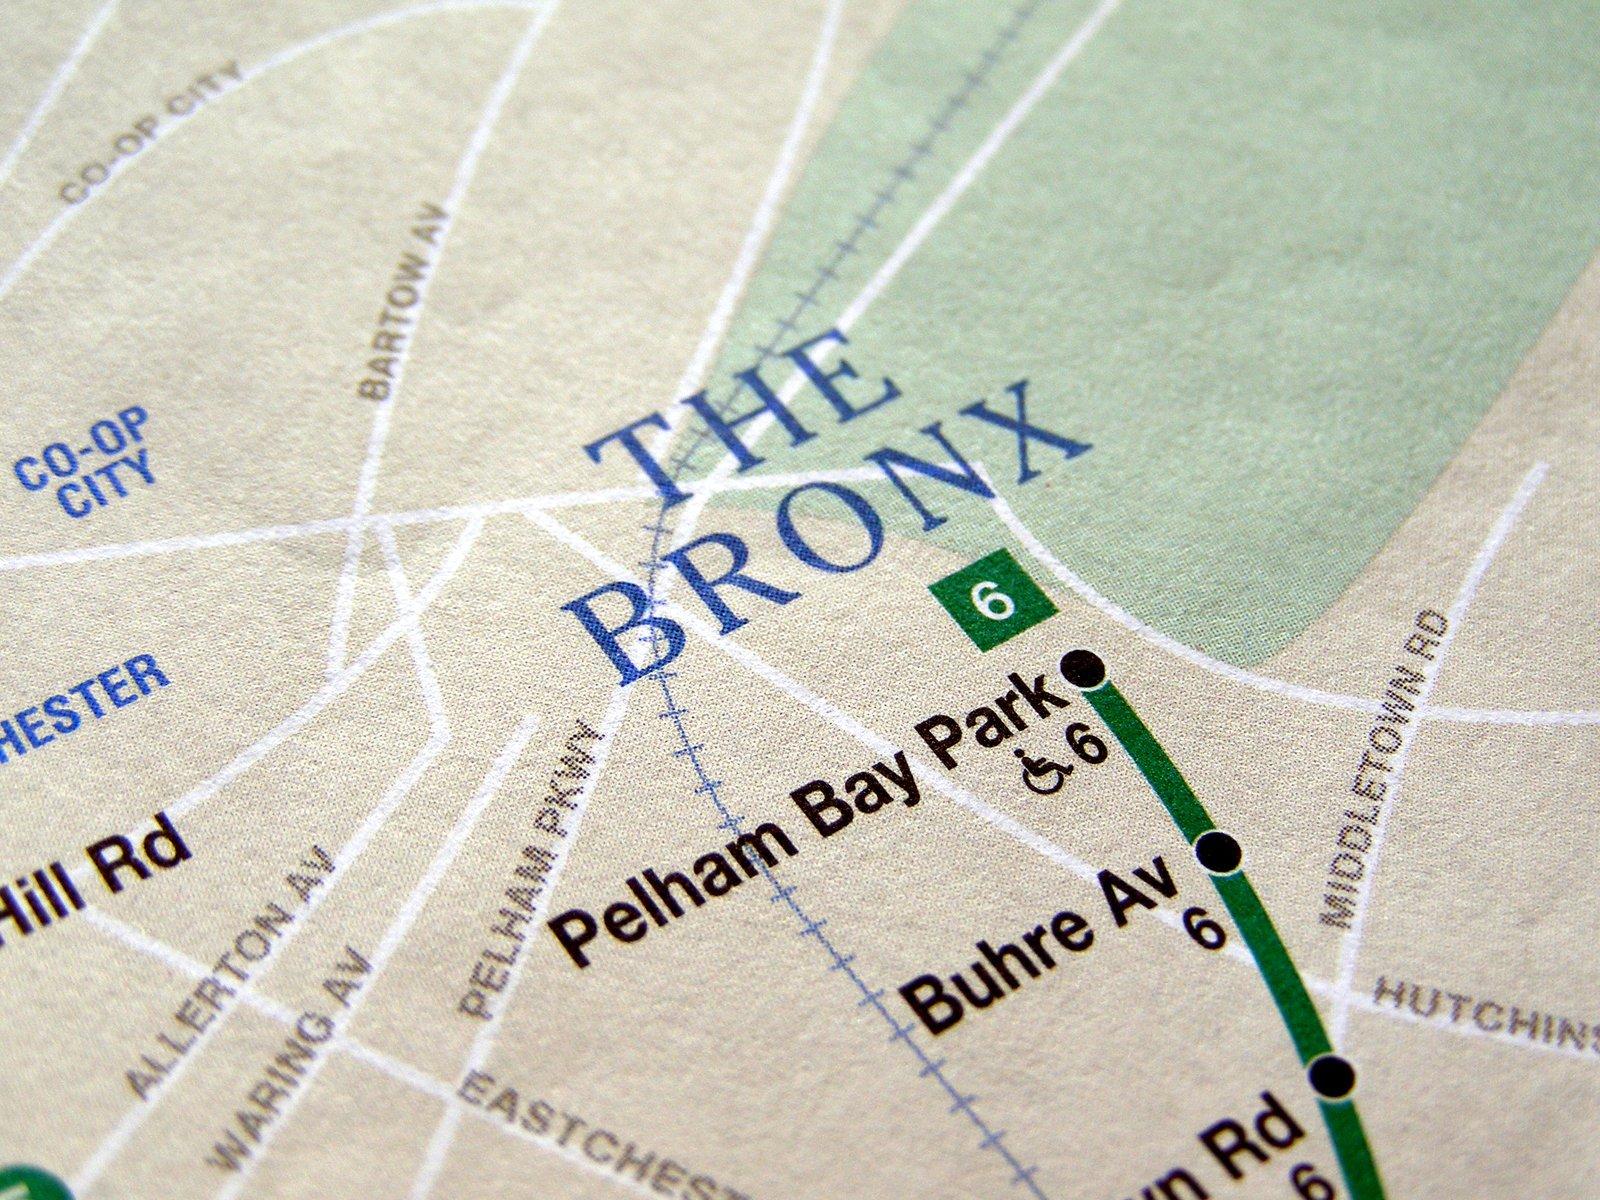 Kingsbridge Bronx, NY Private Investigator